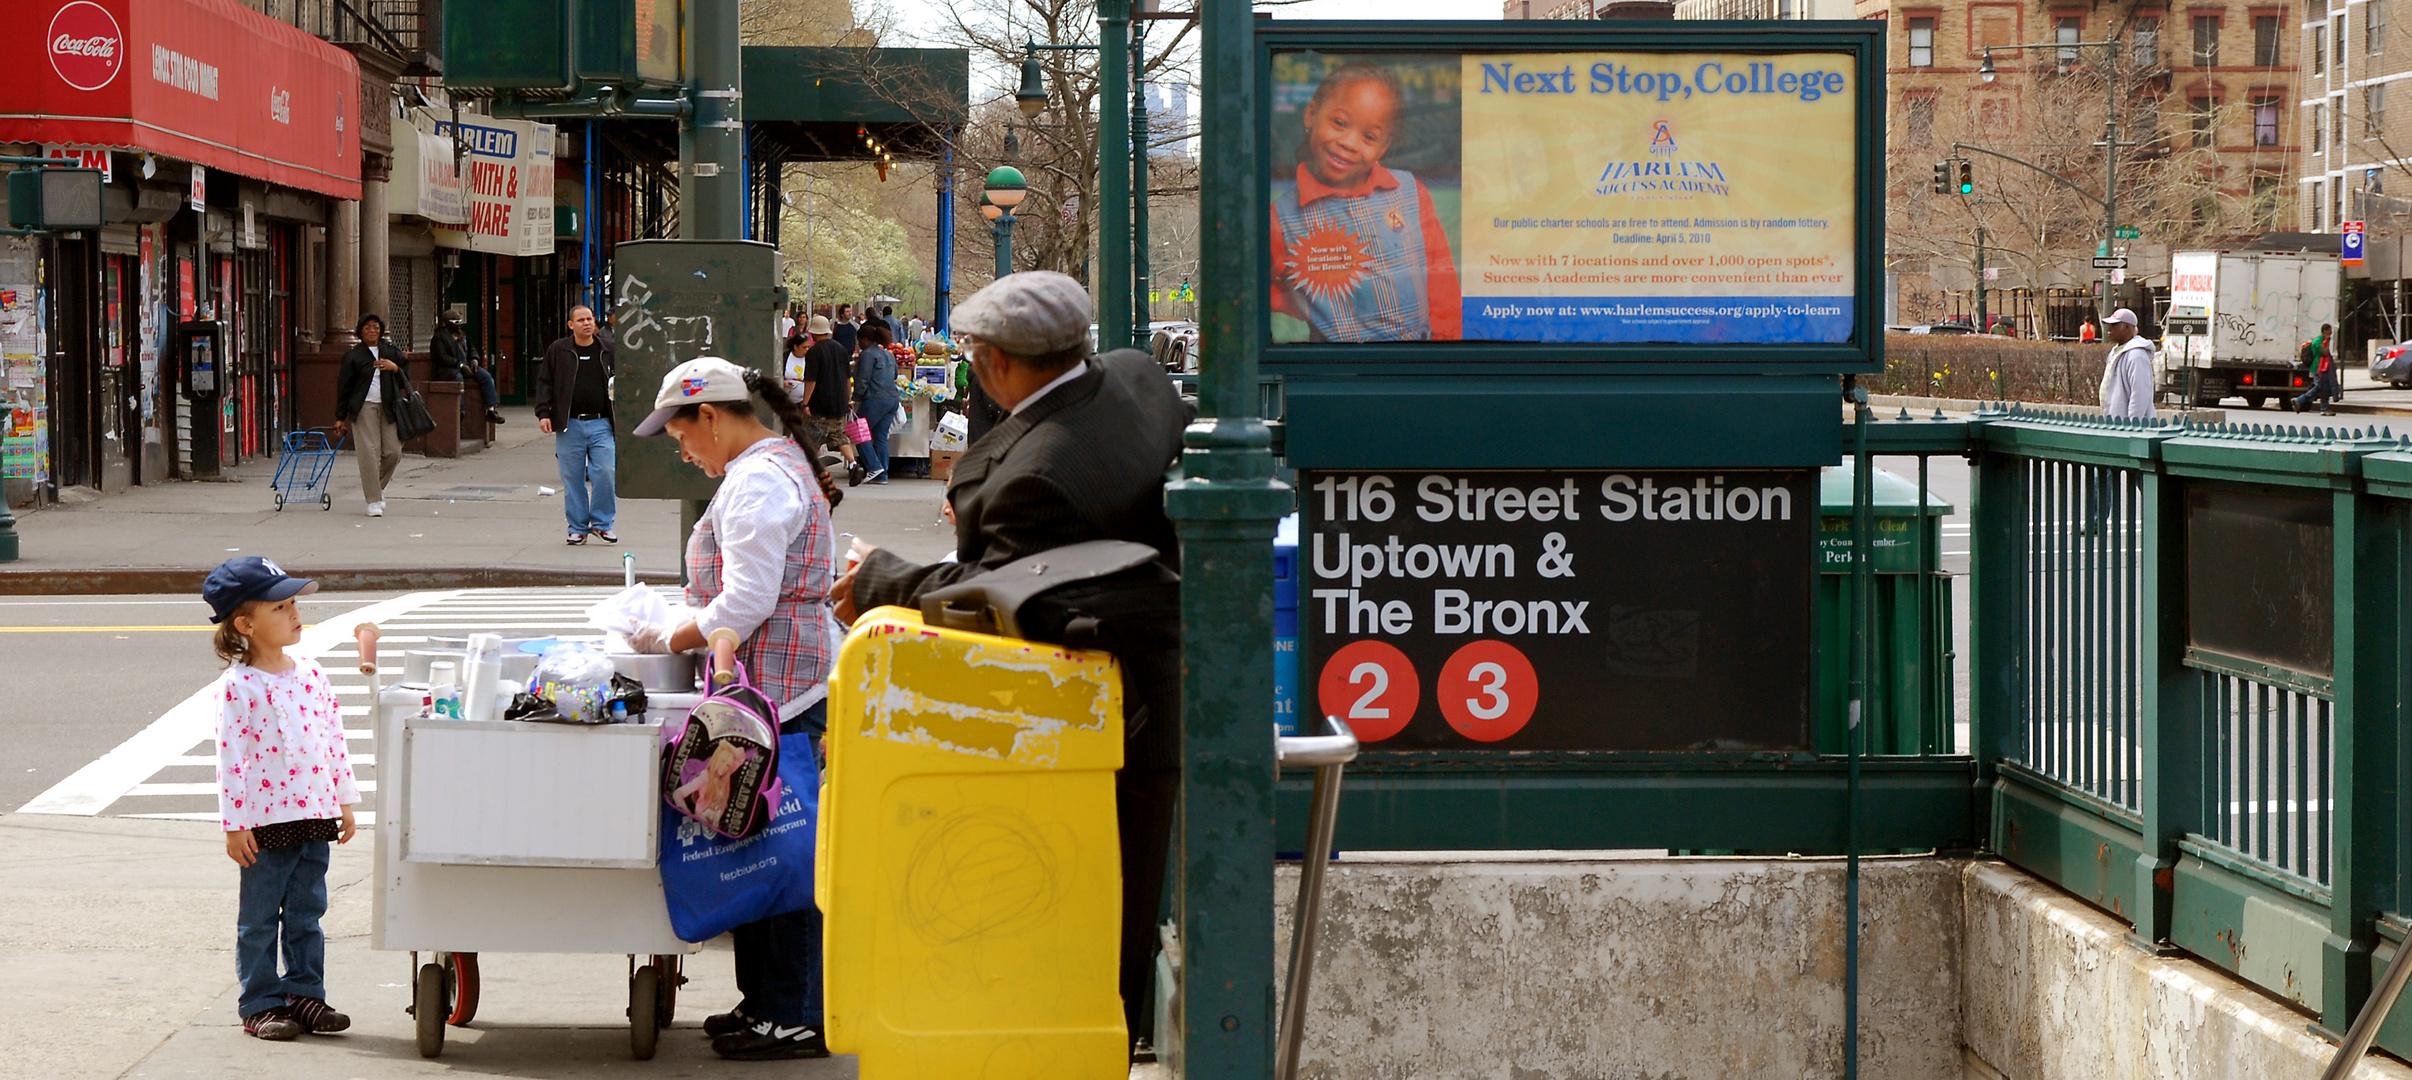 Straßenszene in Harlem